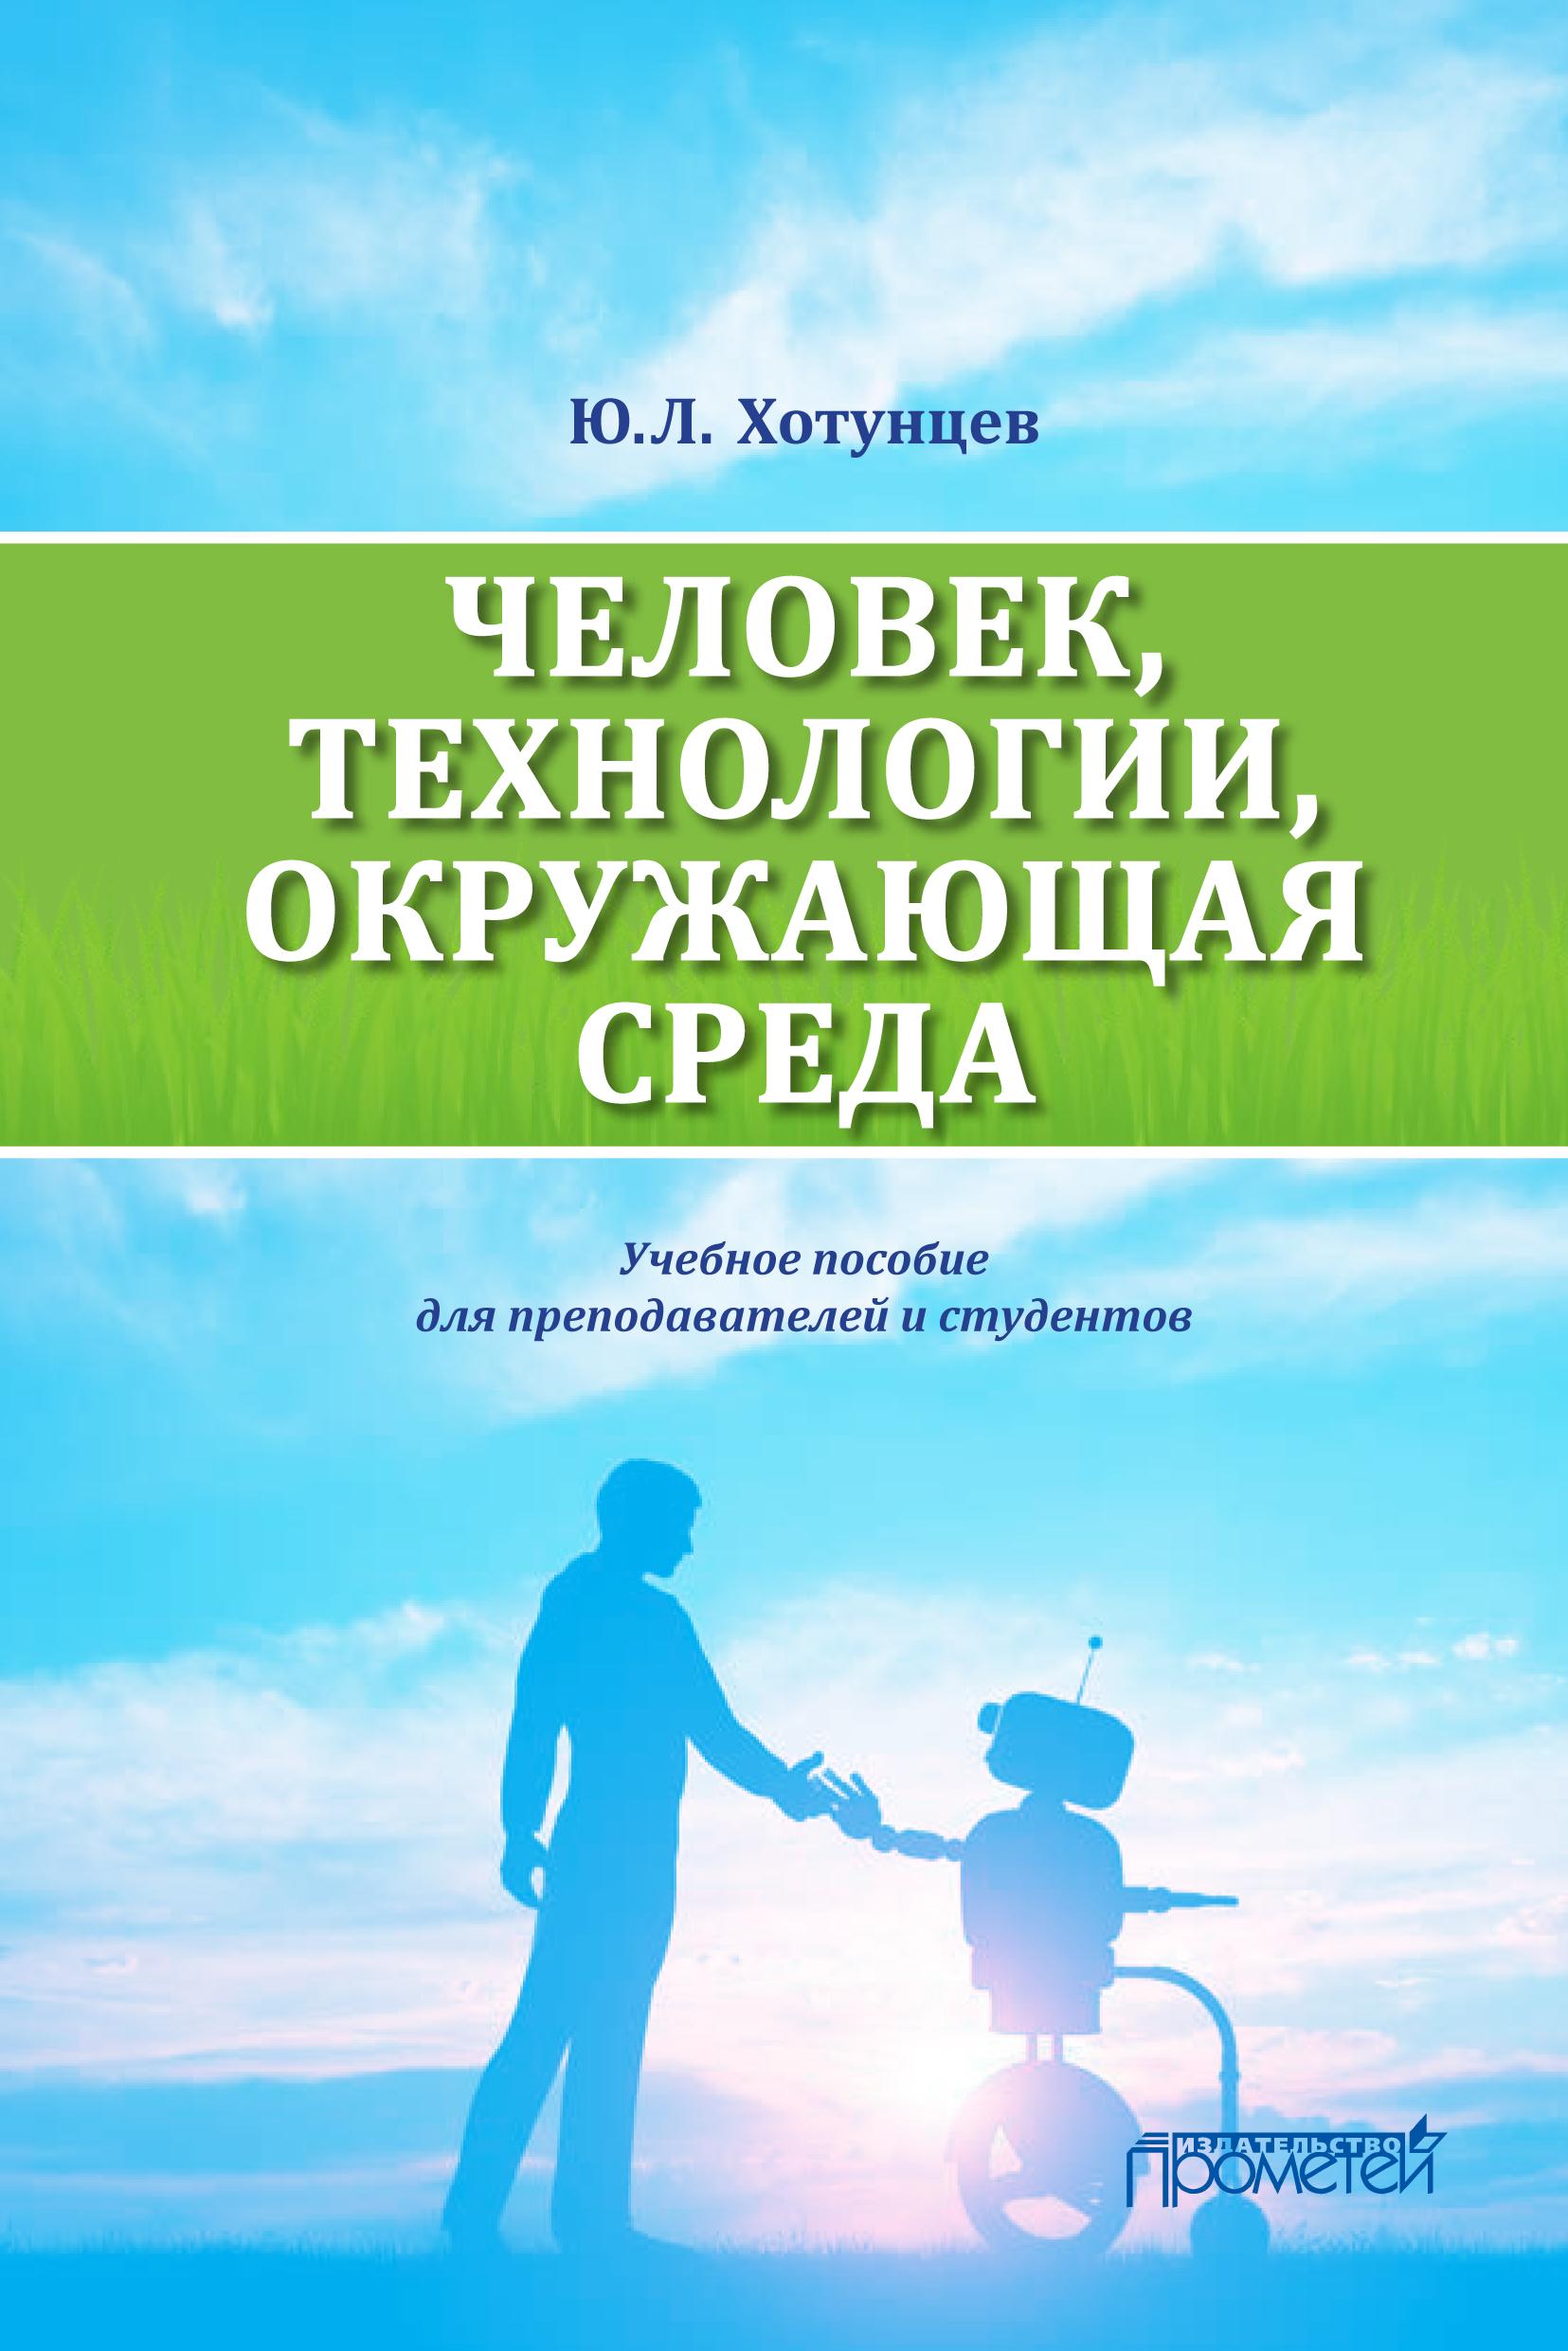 Юрий Леонтьевич Хотунцев Человек, технологии, окружающая среда ю л хотунцев человек технологии окружающая среда учебное пособие